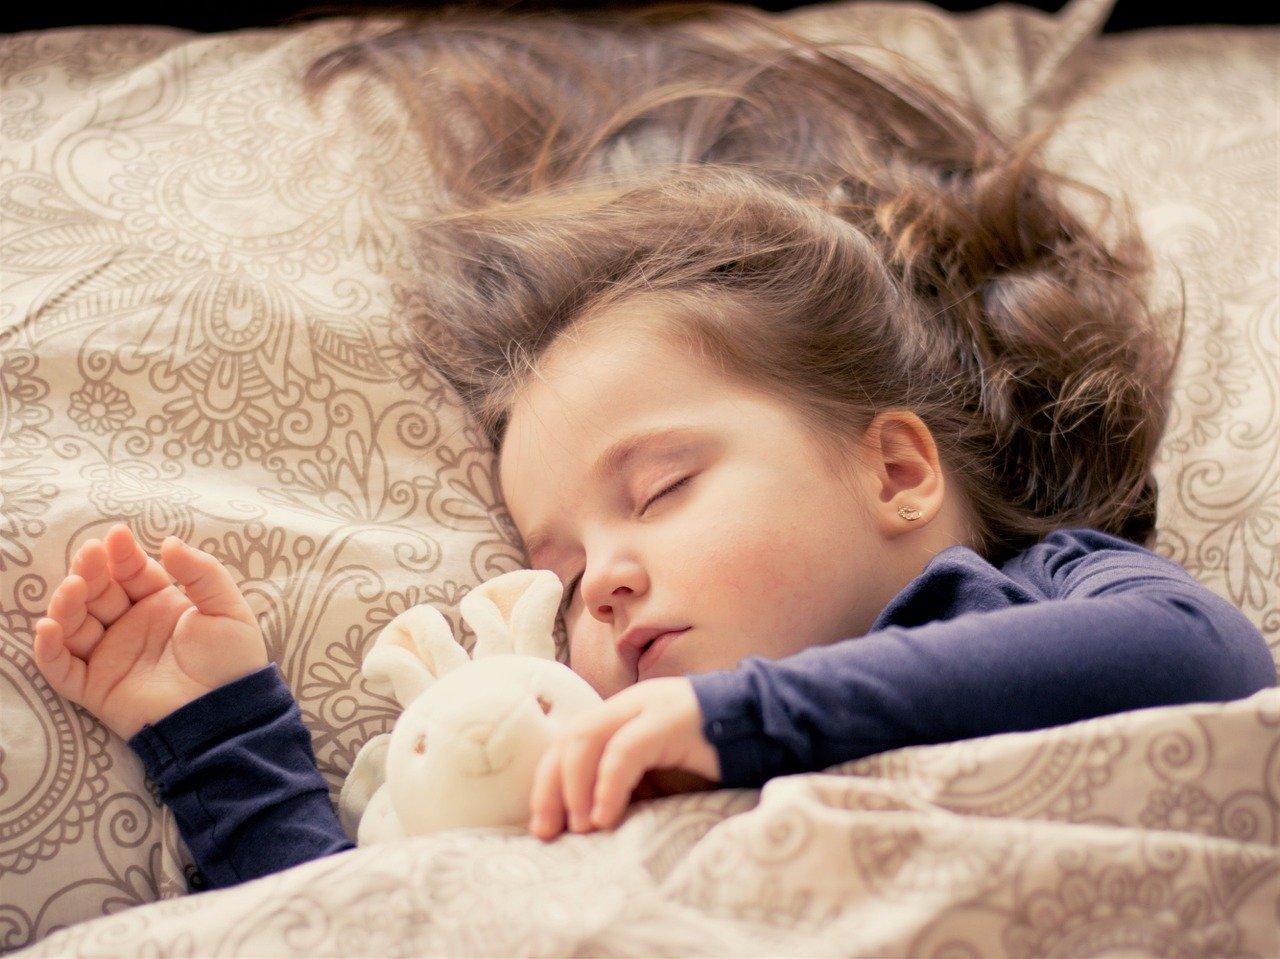 Une petite fille qui dort